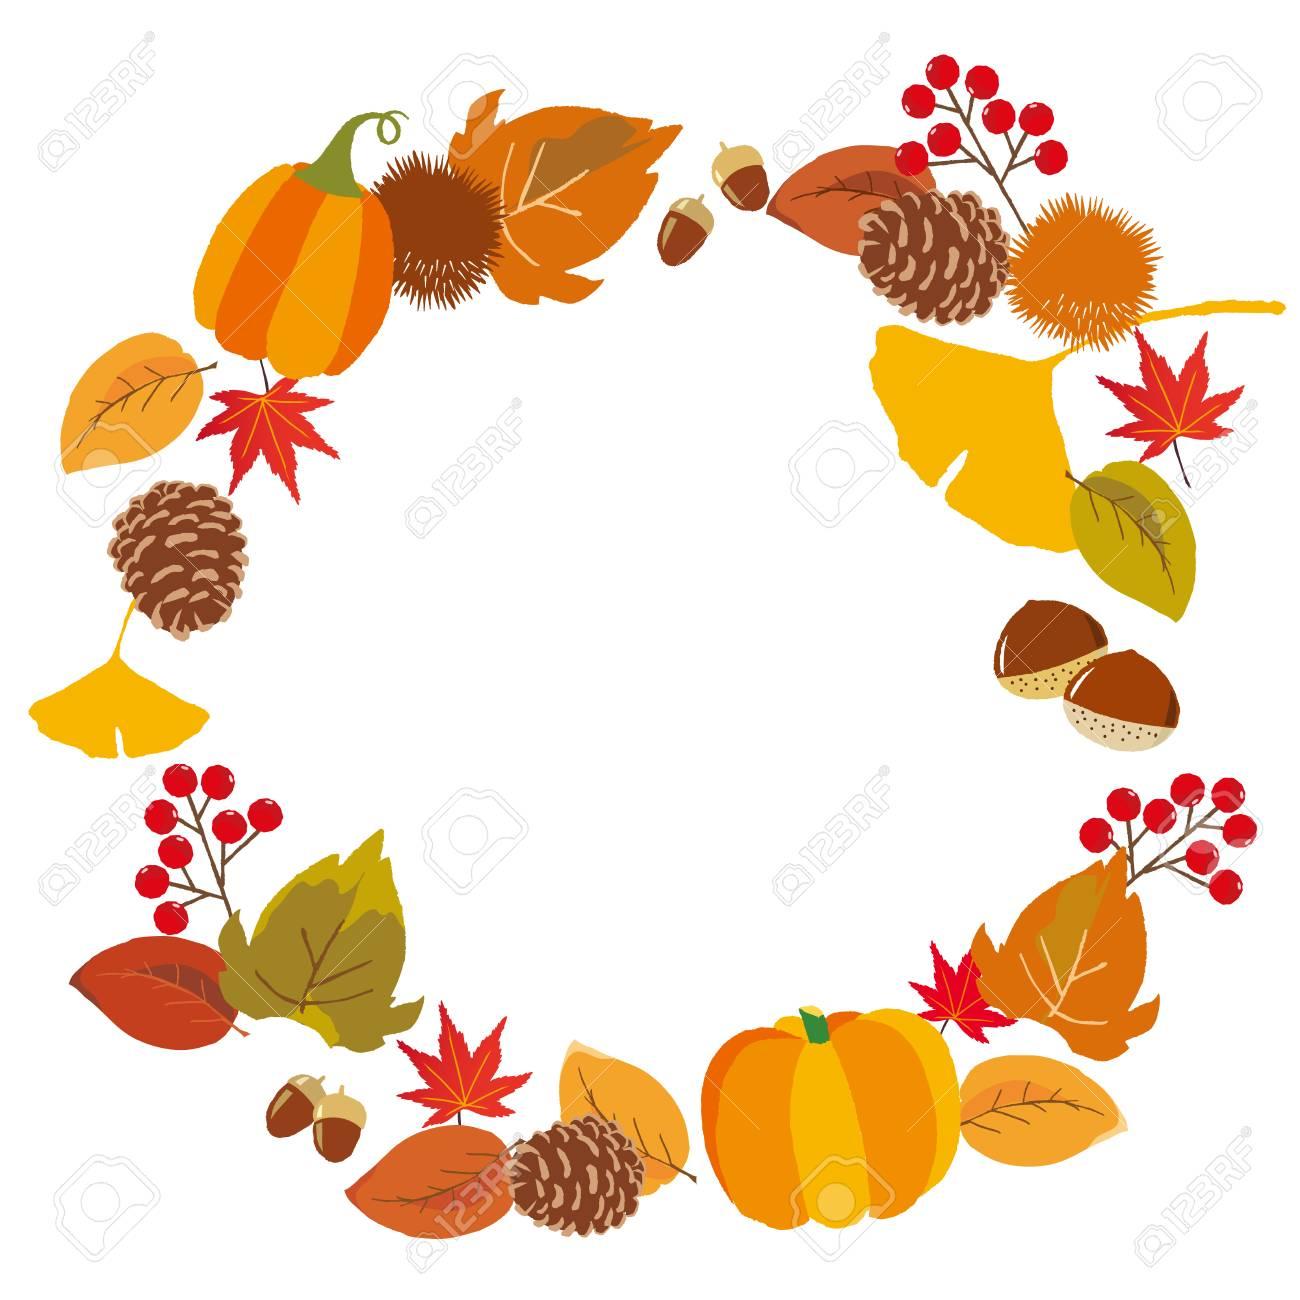 秋の味覚と葉の背景のイラスト素材ベクタ Image 84781606